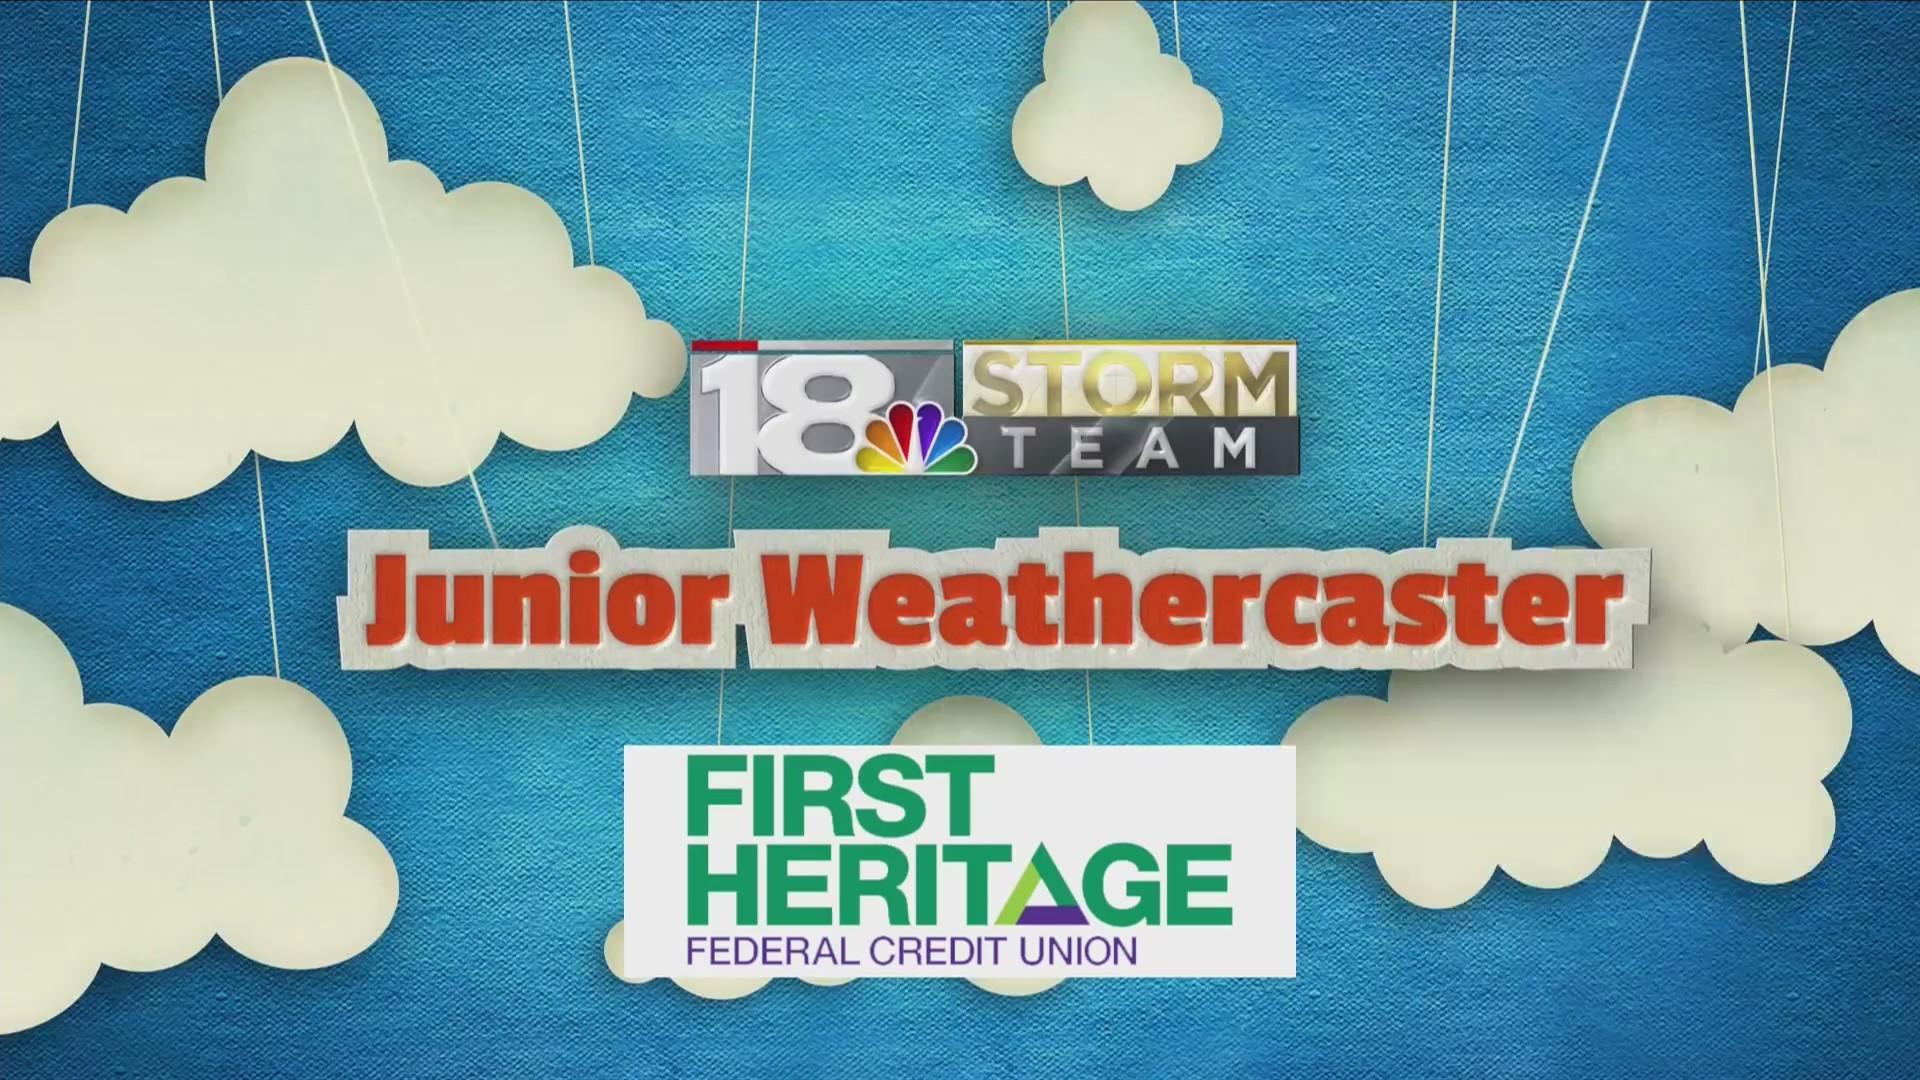 Junior Weathercaster: Brynlee